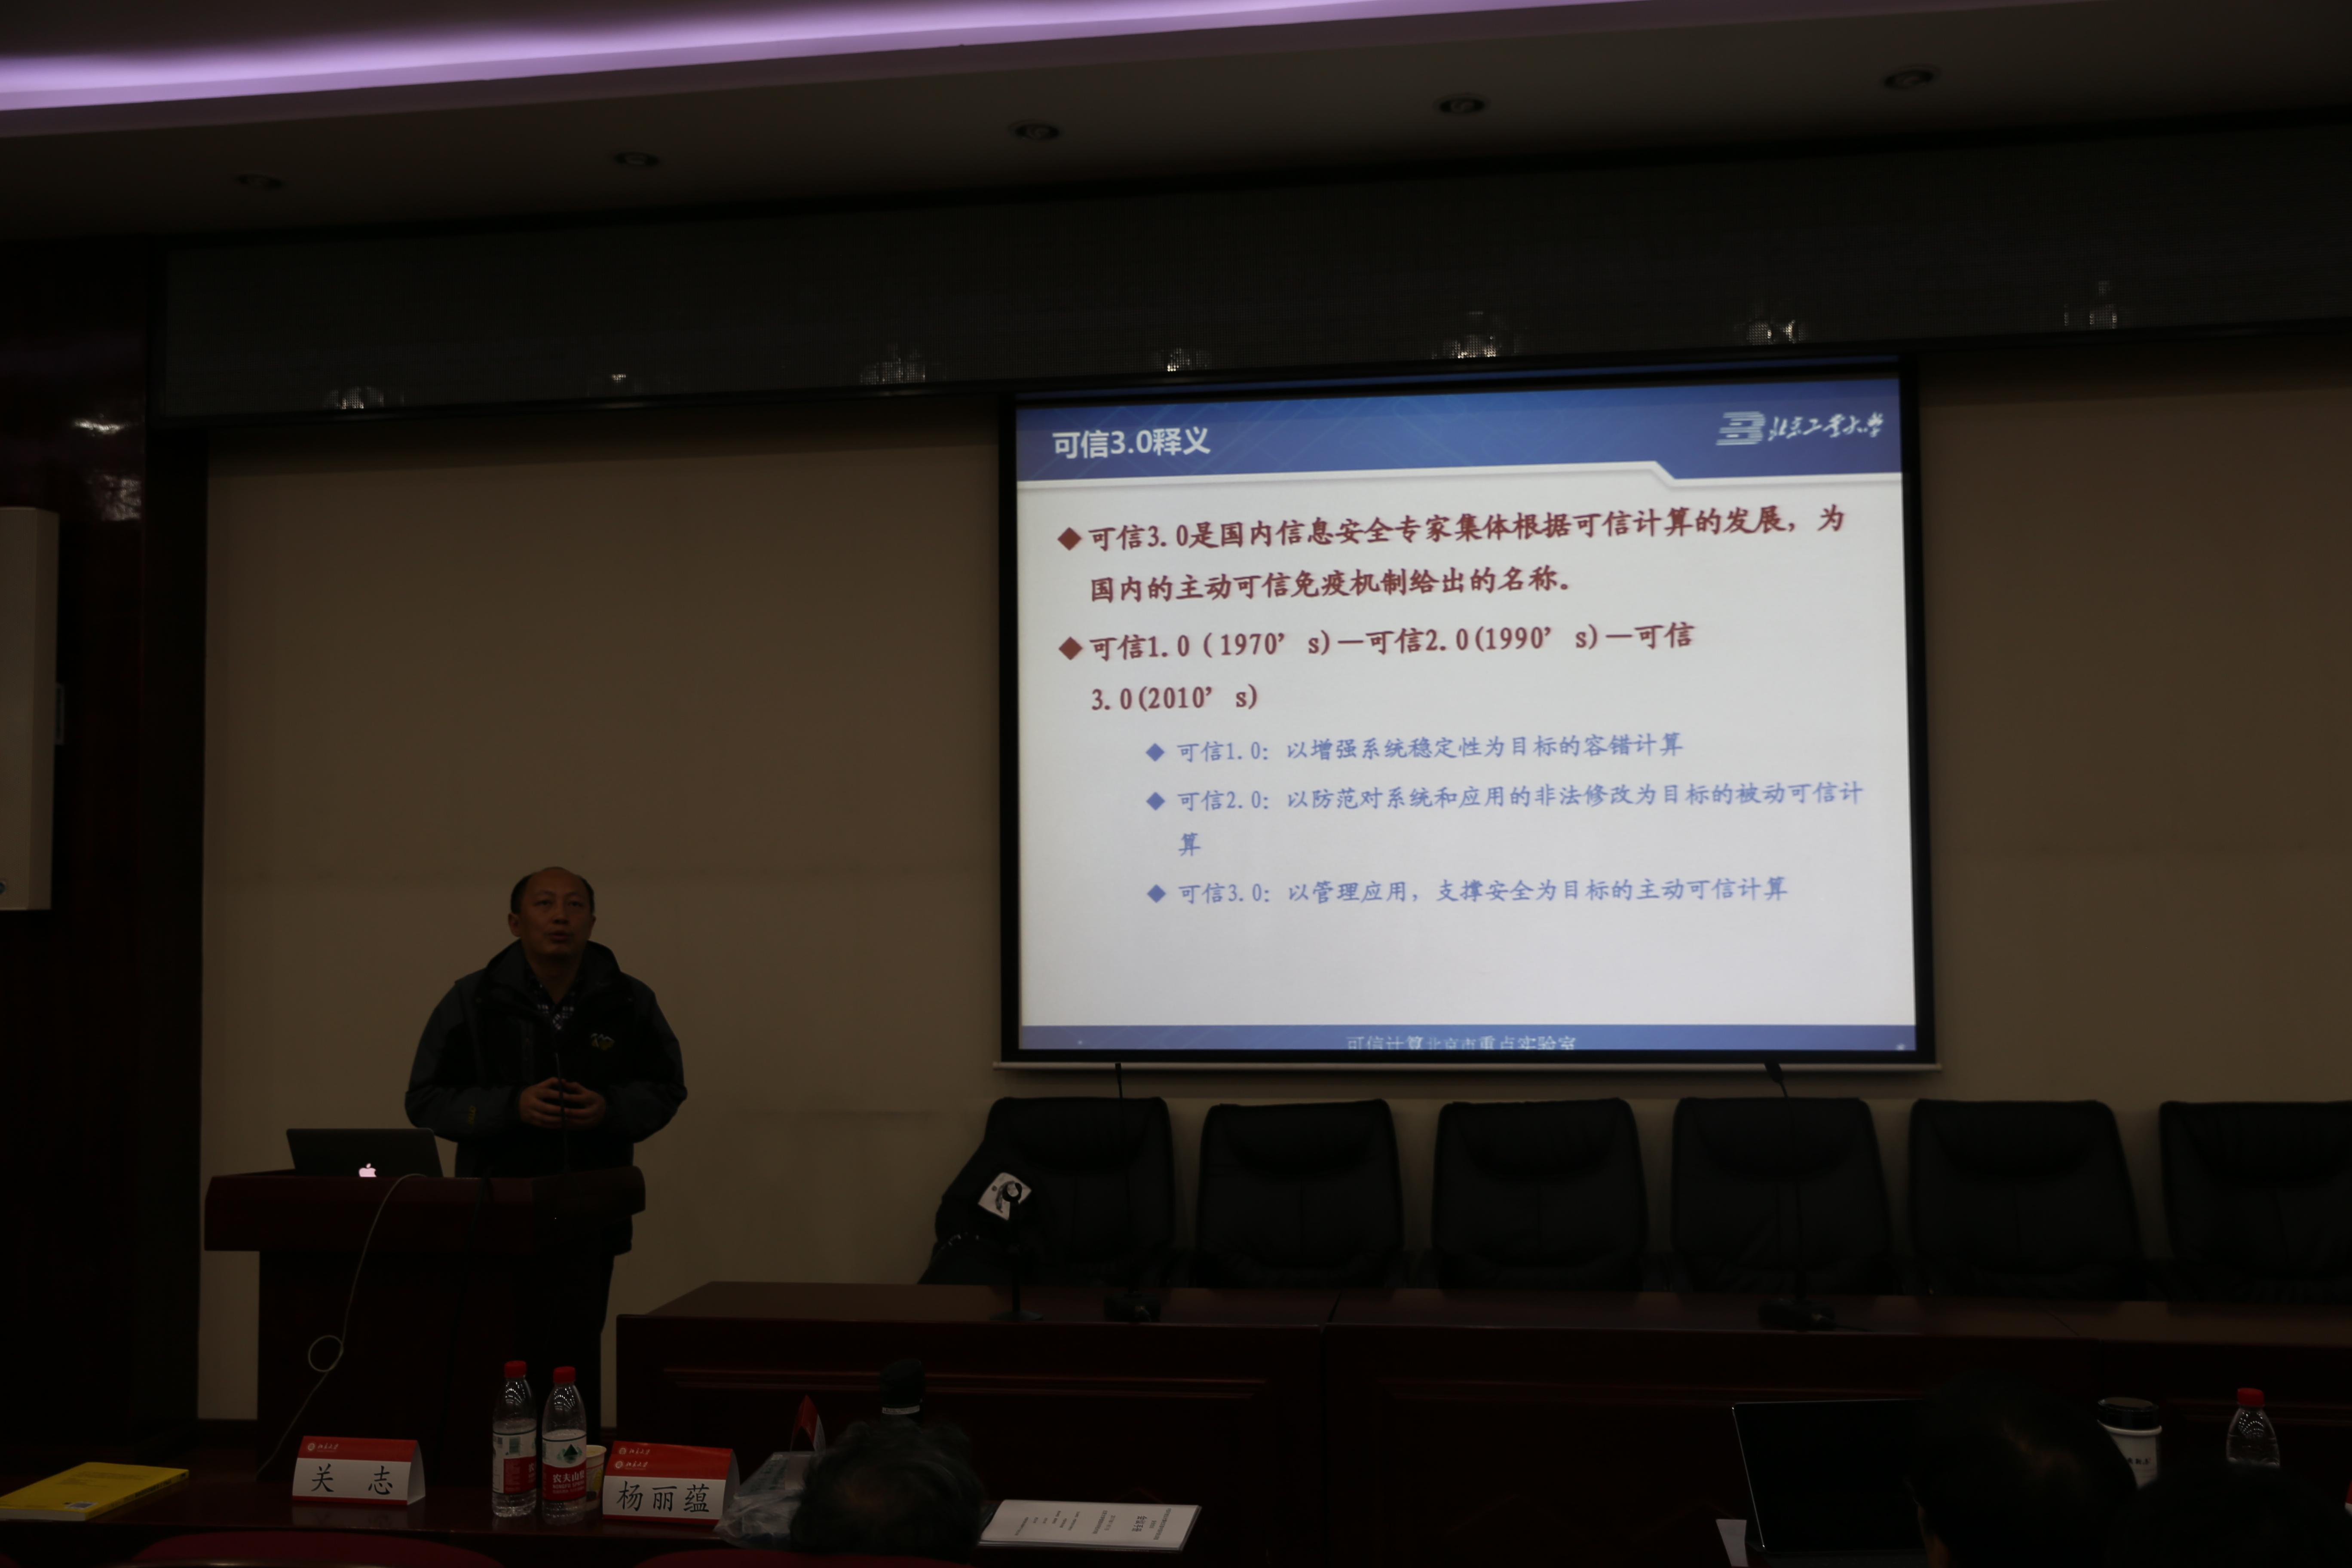 北京工业大学胡俊老师作主题为《基于可信软件基的三元三层可信连接实现》的报告